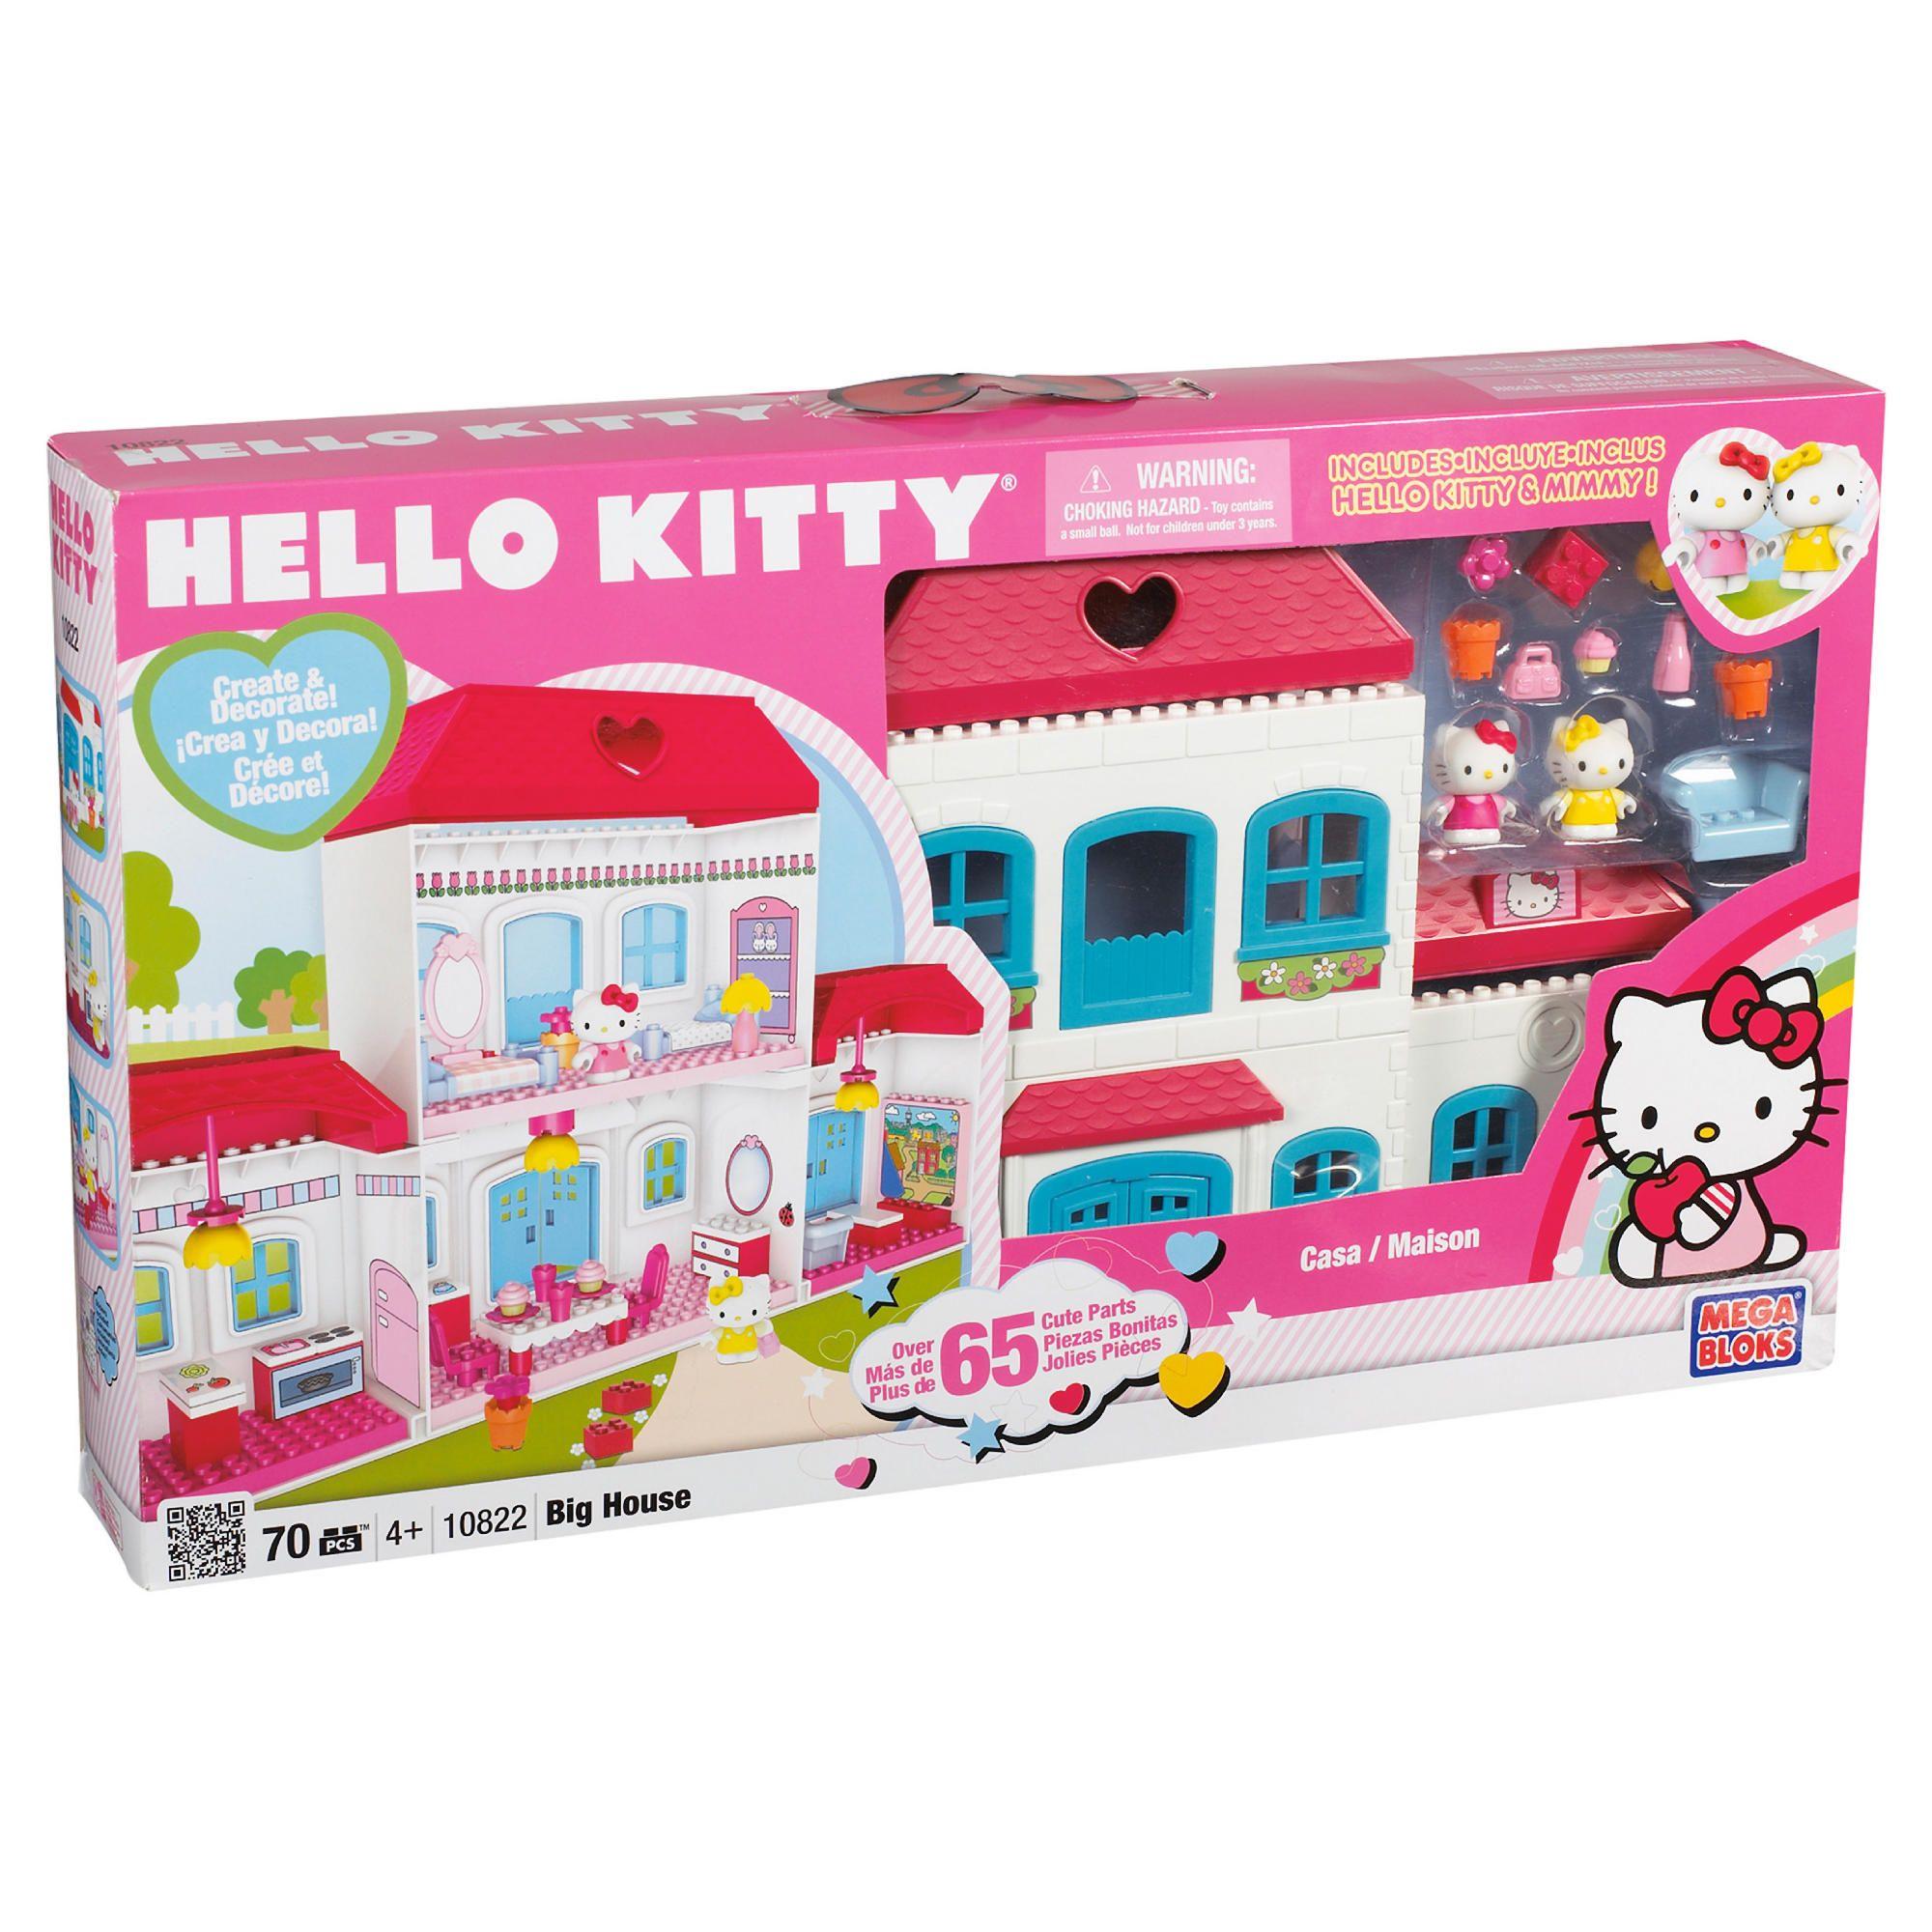 Myshop - Lego hello kitty maison ...